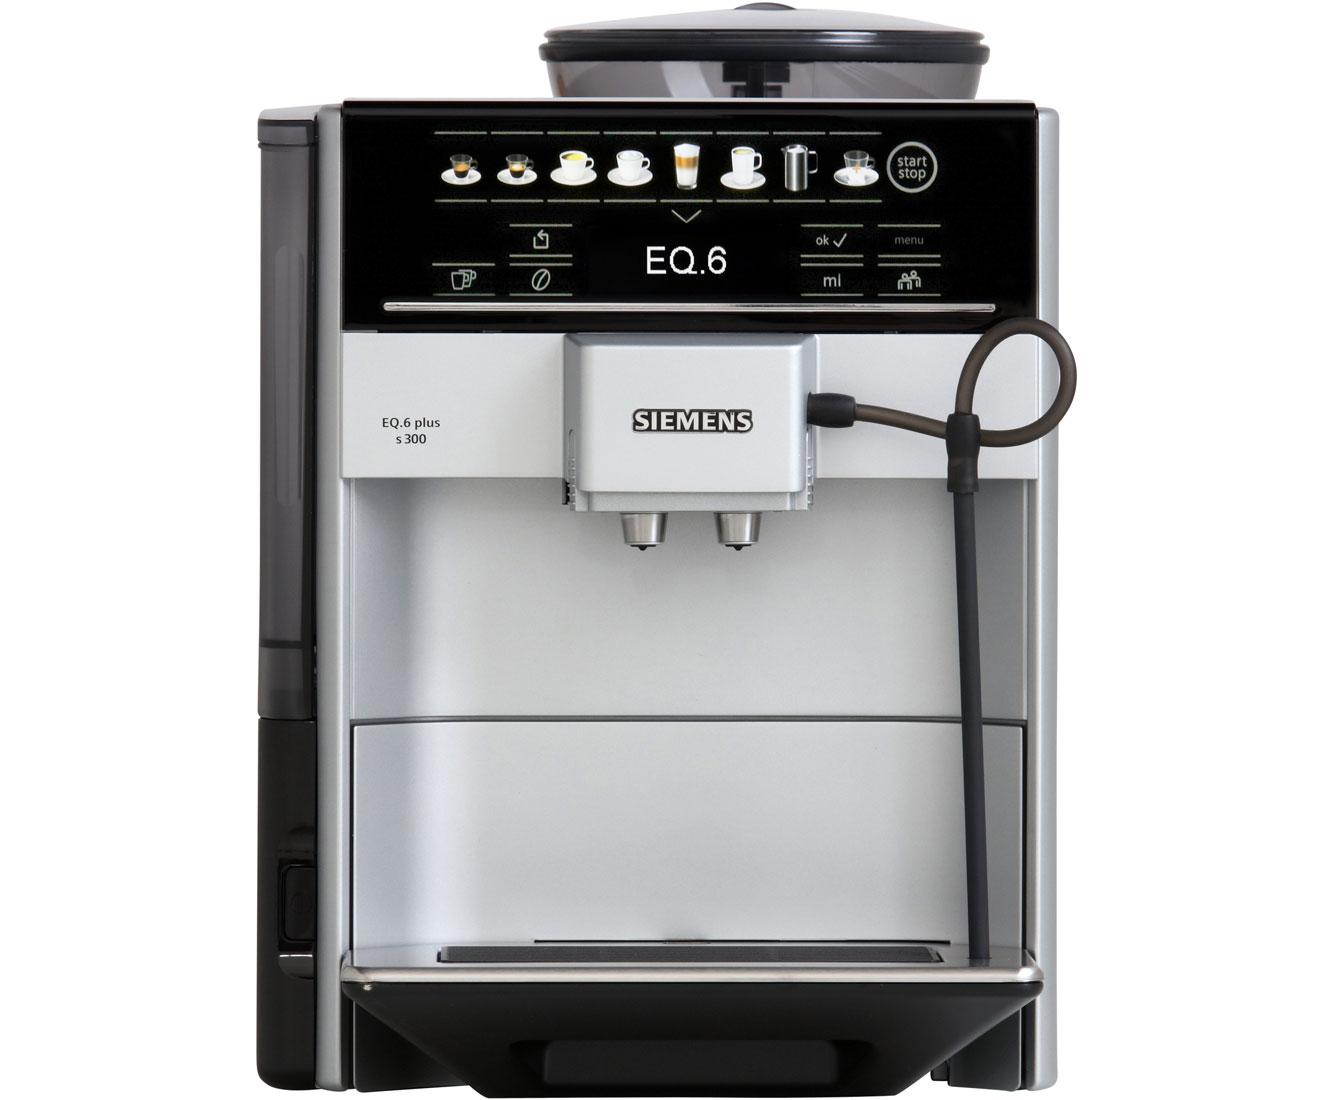 EQ.6 TE653501DE Kaffeemaschinen - Silber